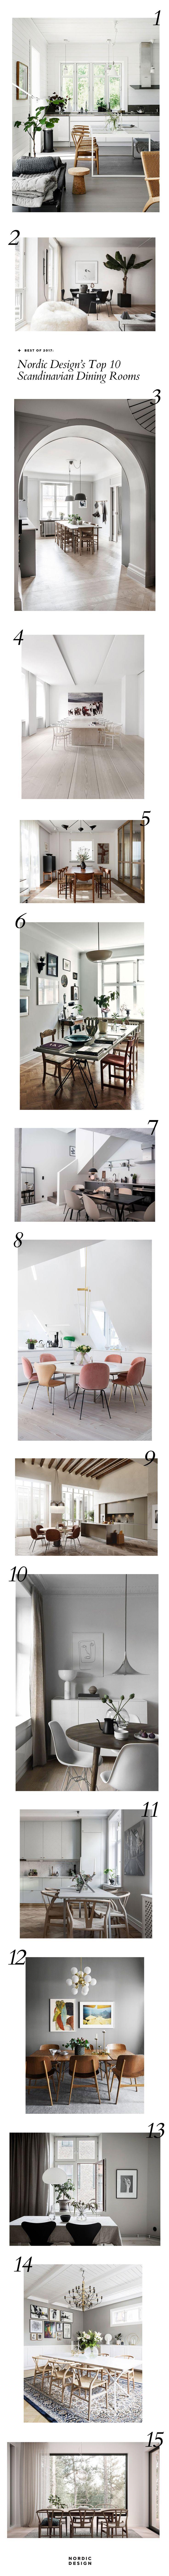 Best of 2017: Nordic Design's top Scandinavian dining rooms